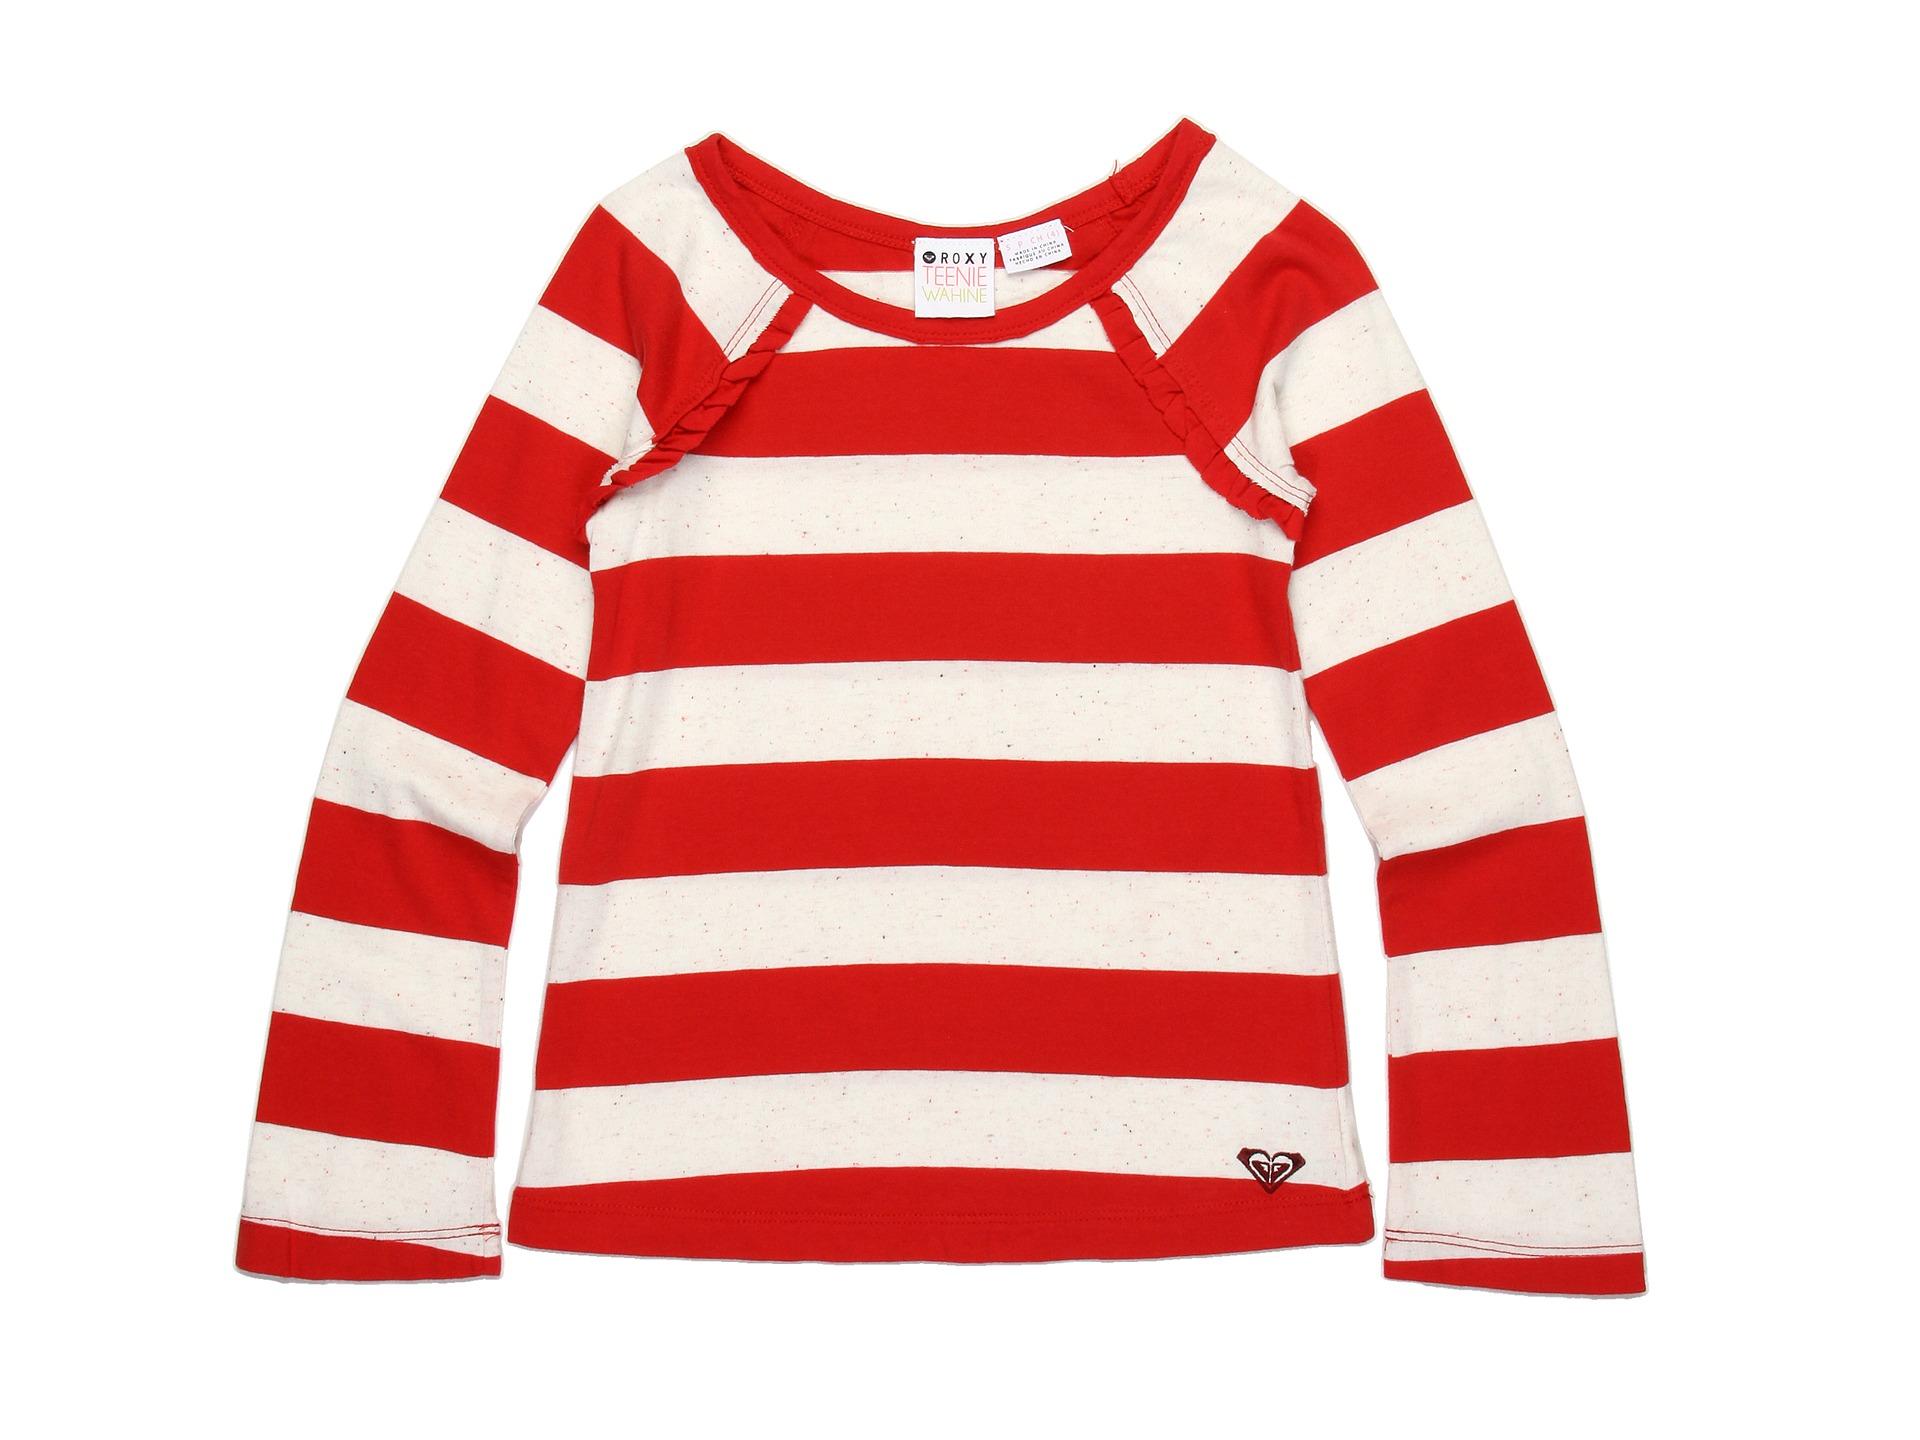 Roxy Kids Day Break (Toddler/Little Kids) $30.99 $34.00 SALE